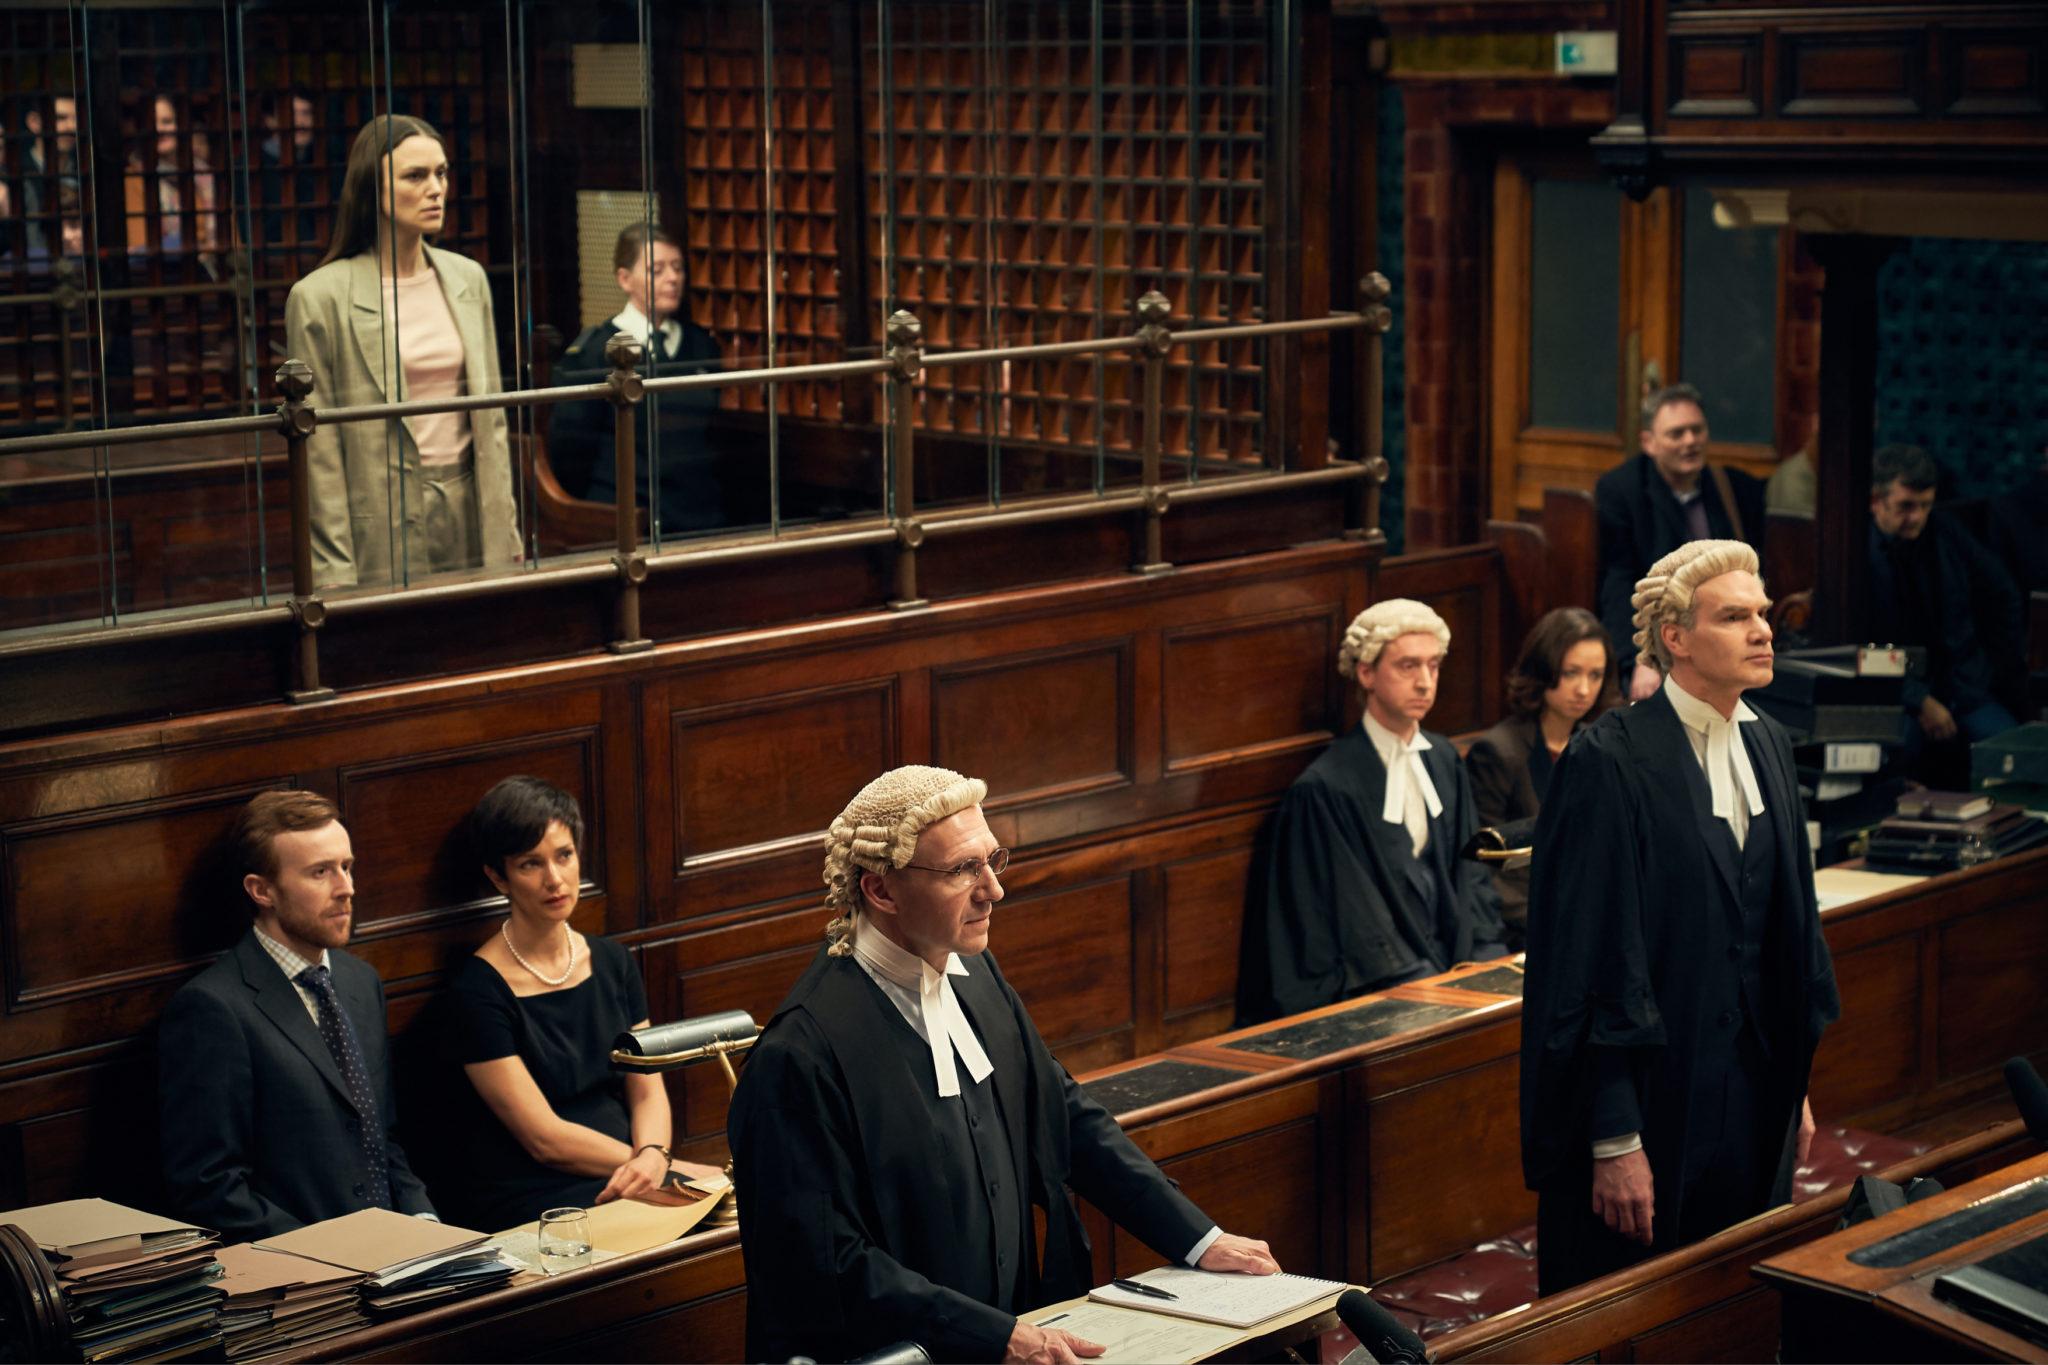 Im klassisch braunen Gerichtssaal steht die wegen Verstoß gegen den Official Secrets Act Angeklagte Katharine Gun (Keira Knightley) im Hintergrund, Verteidiger Ben Emmerson (Ralph Fiennes) im Vordergrund.